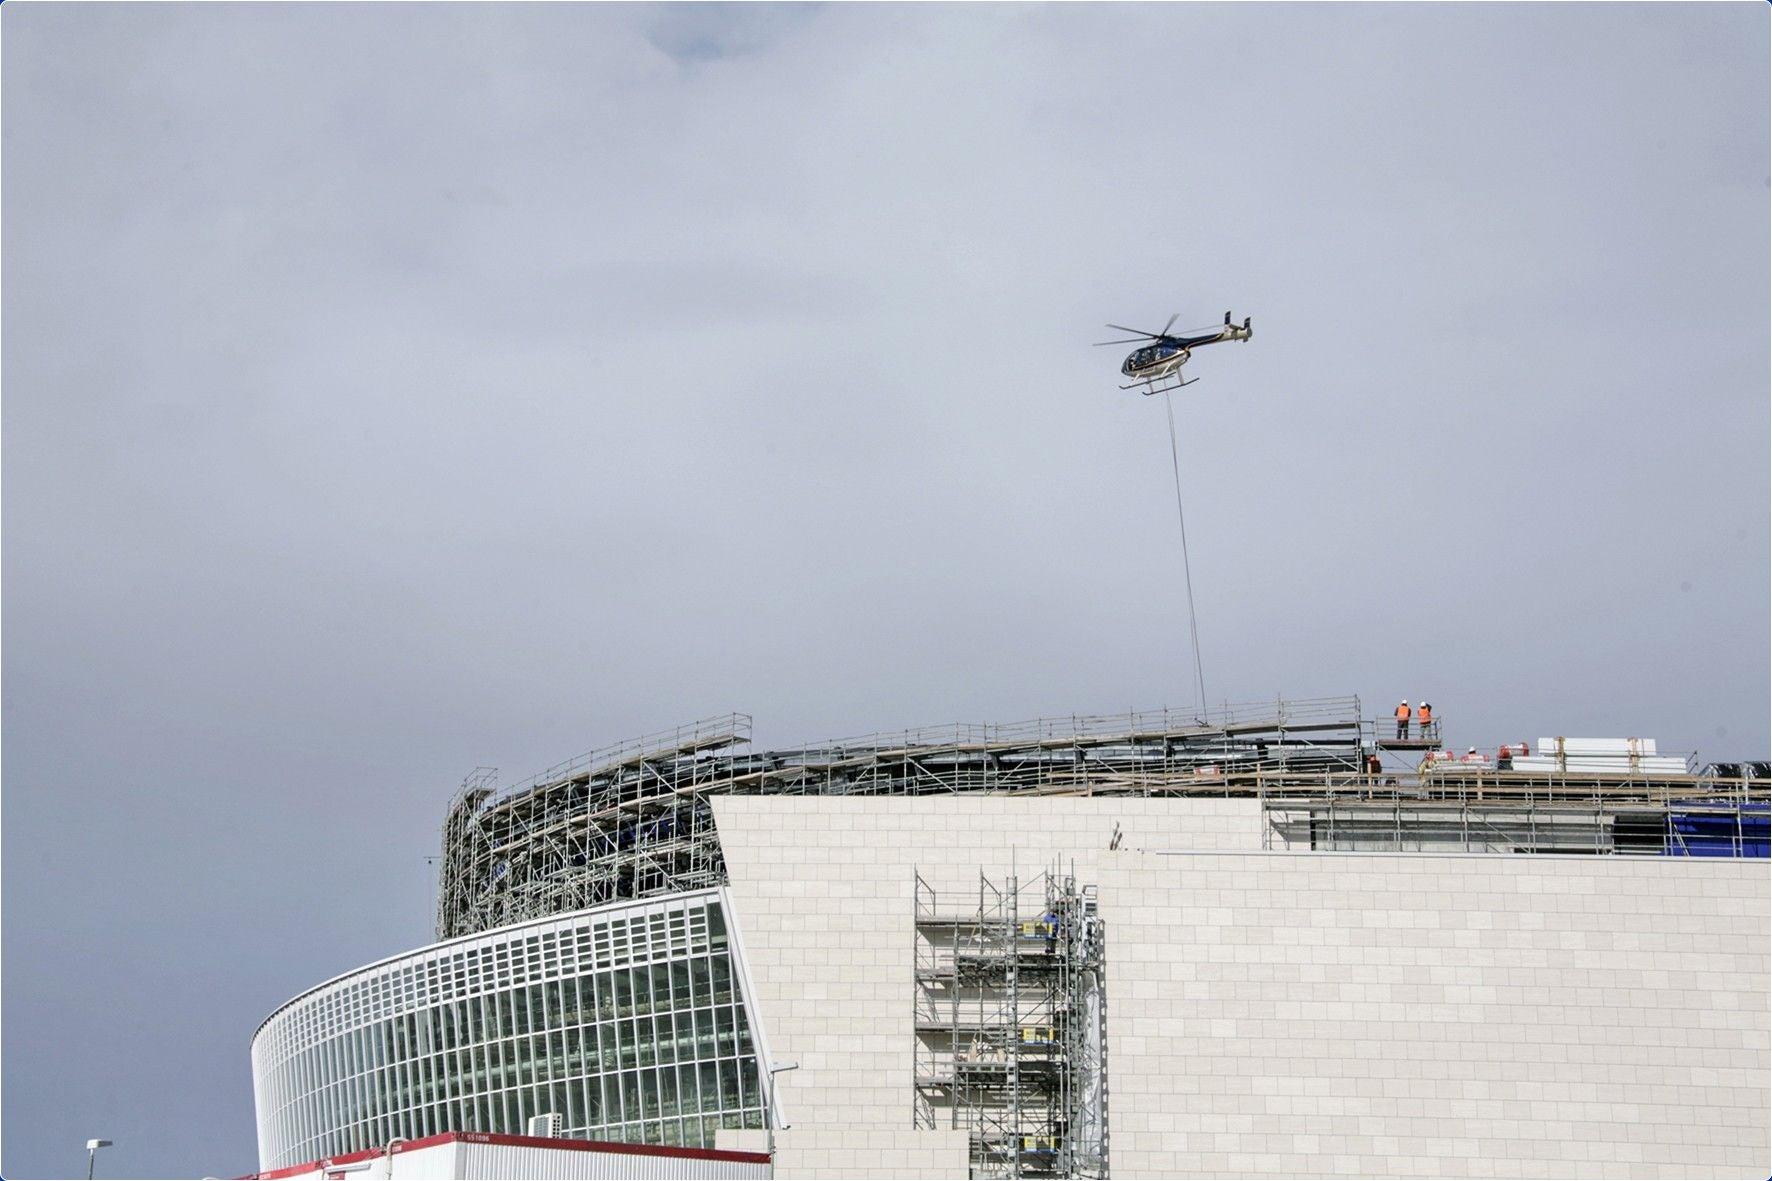 HelicopterhebtLichtmasten1.jpg